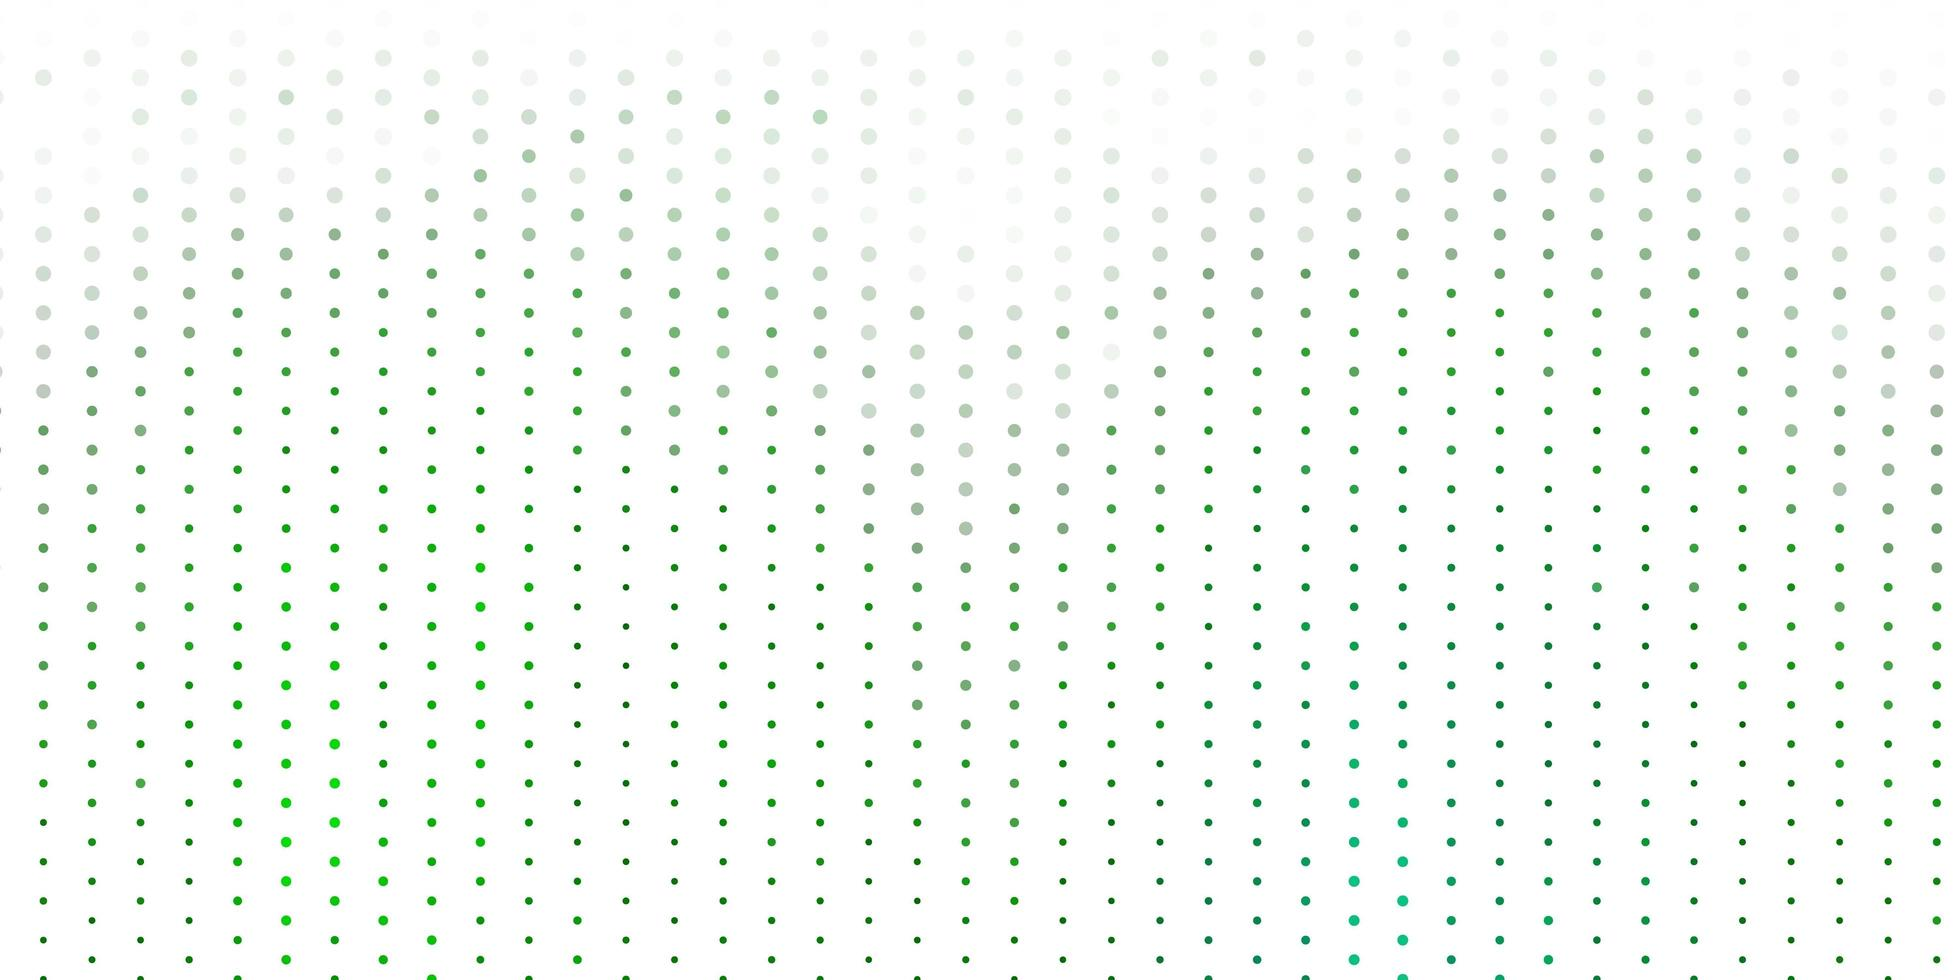 fundo verde claro do vetor com manchas.